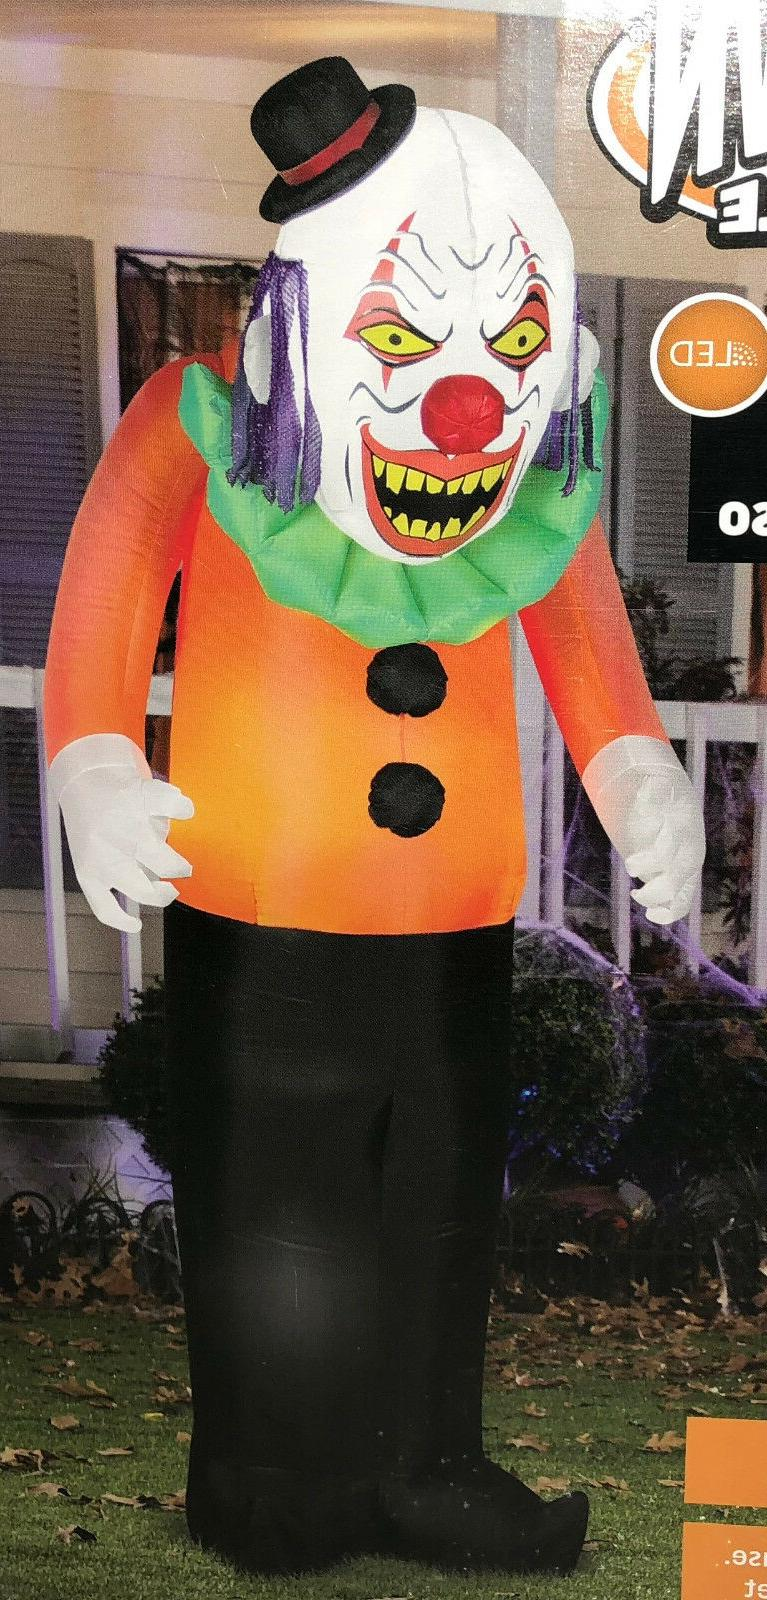 NIB Gemmy Clown Party Yard Prop